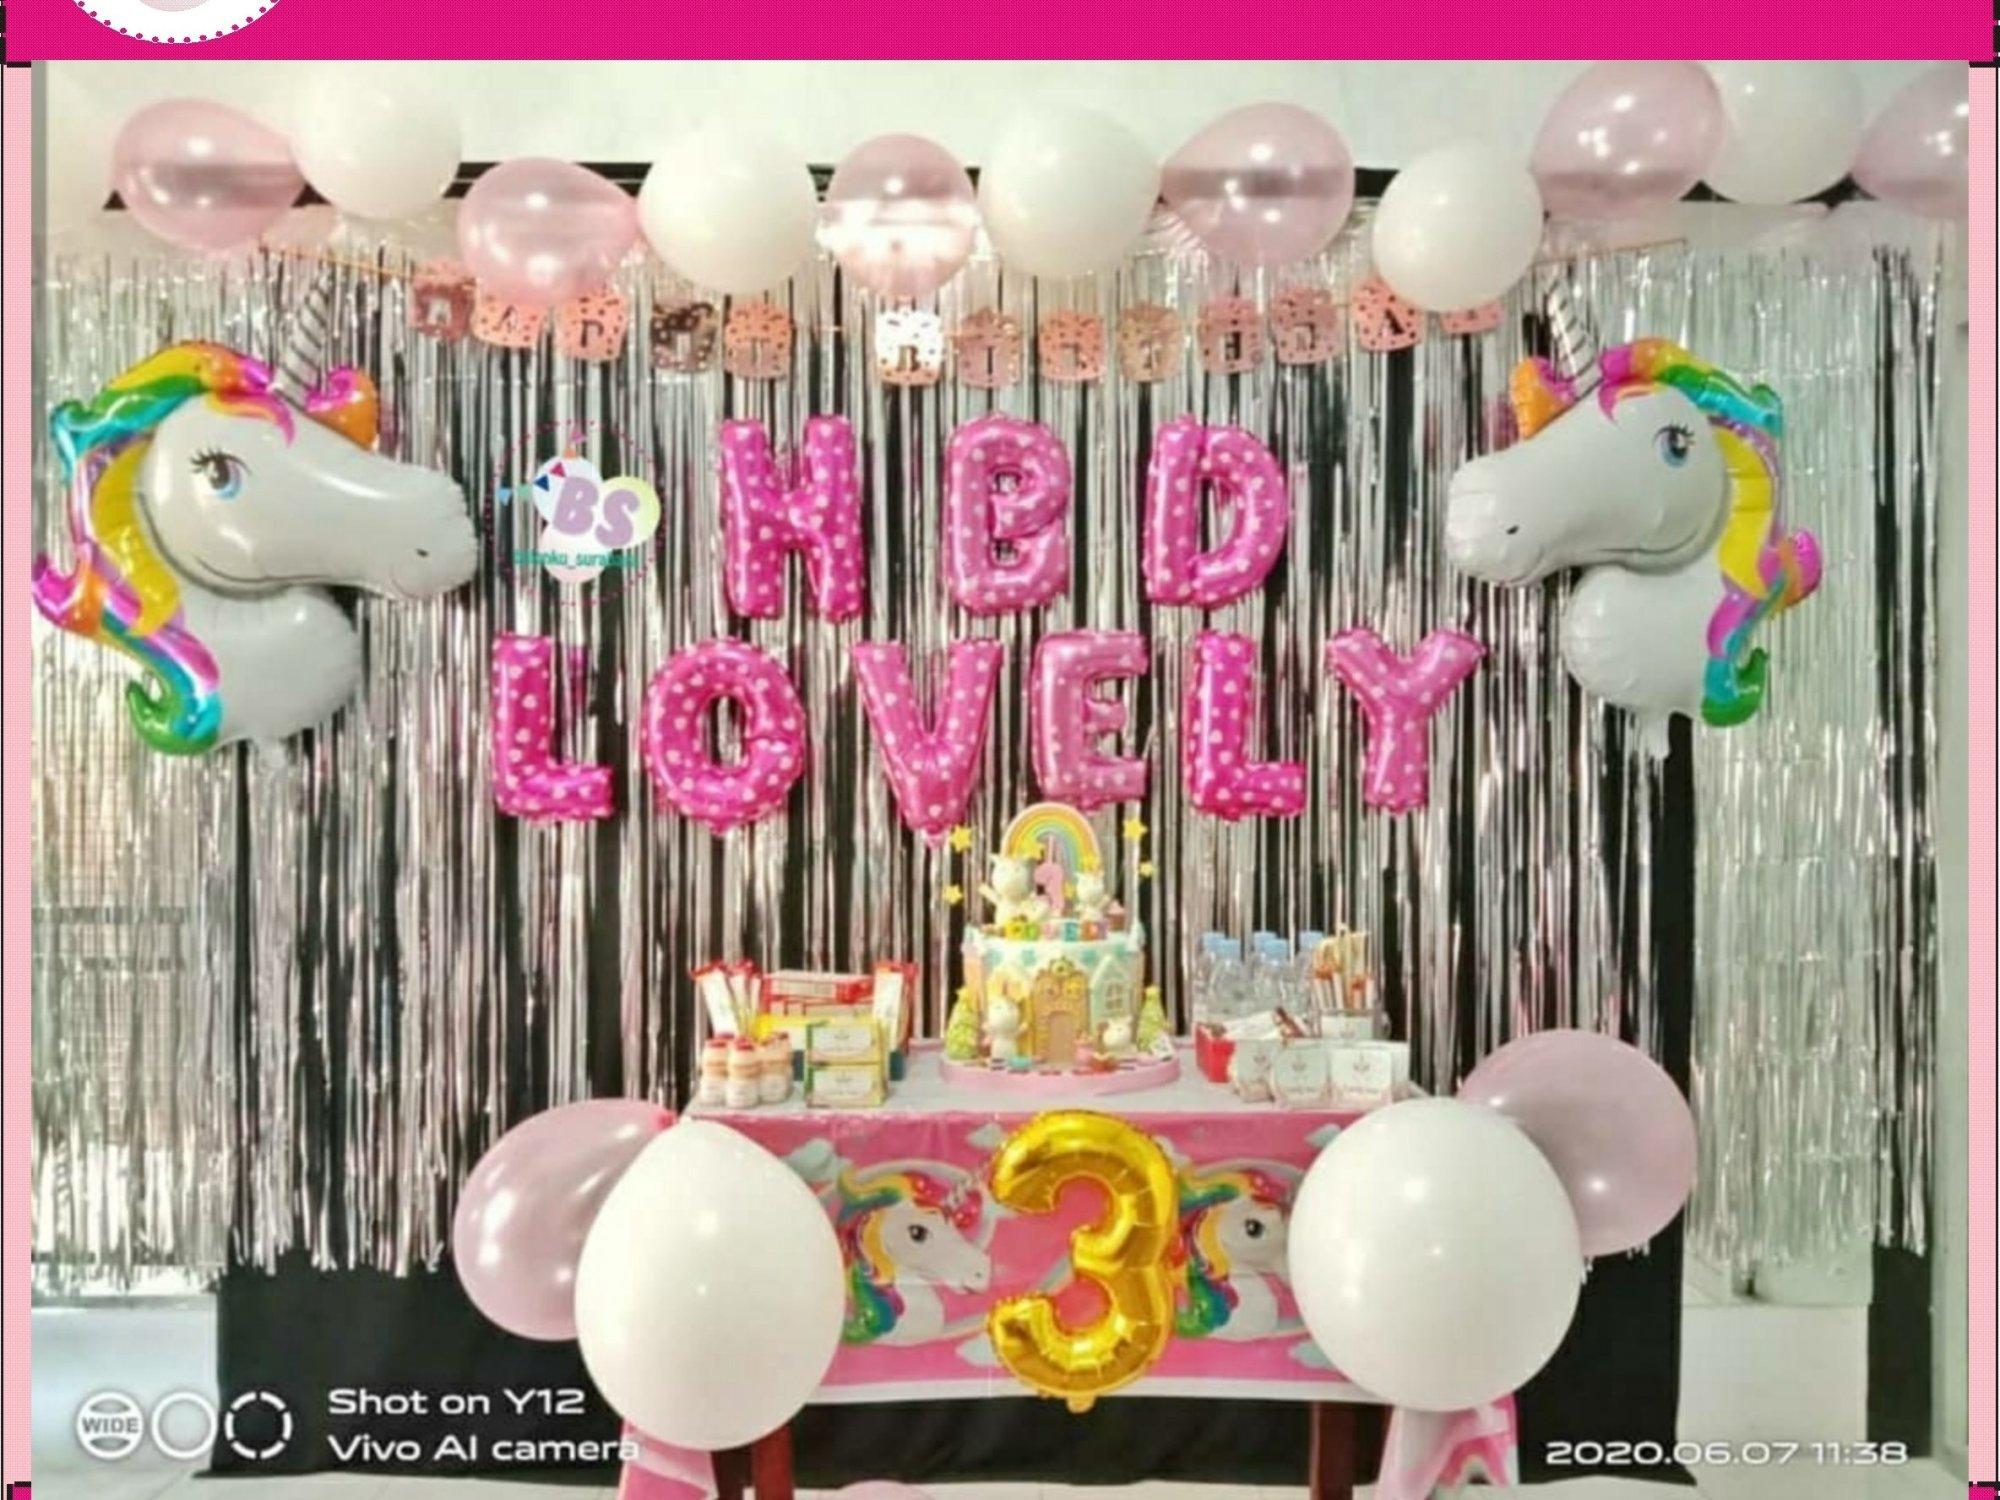 dekorasi ulang tahun anak unicorn , jual balon latex twist hijau emerald, BAlon Gas,Bunga dekorasi,Rangkaian bunga artificial, Buket bunga, buket bunga mawar, harga buket bunga,Balon sablon, balon Printing, balon promosi, Perlengkapan ulang tahun, Balon latex , balon doff, balon natal, balon agustusan, balon dekorasi, balonku Surabaya, 085733133529